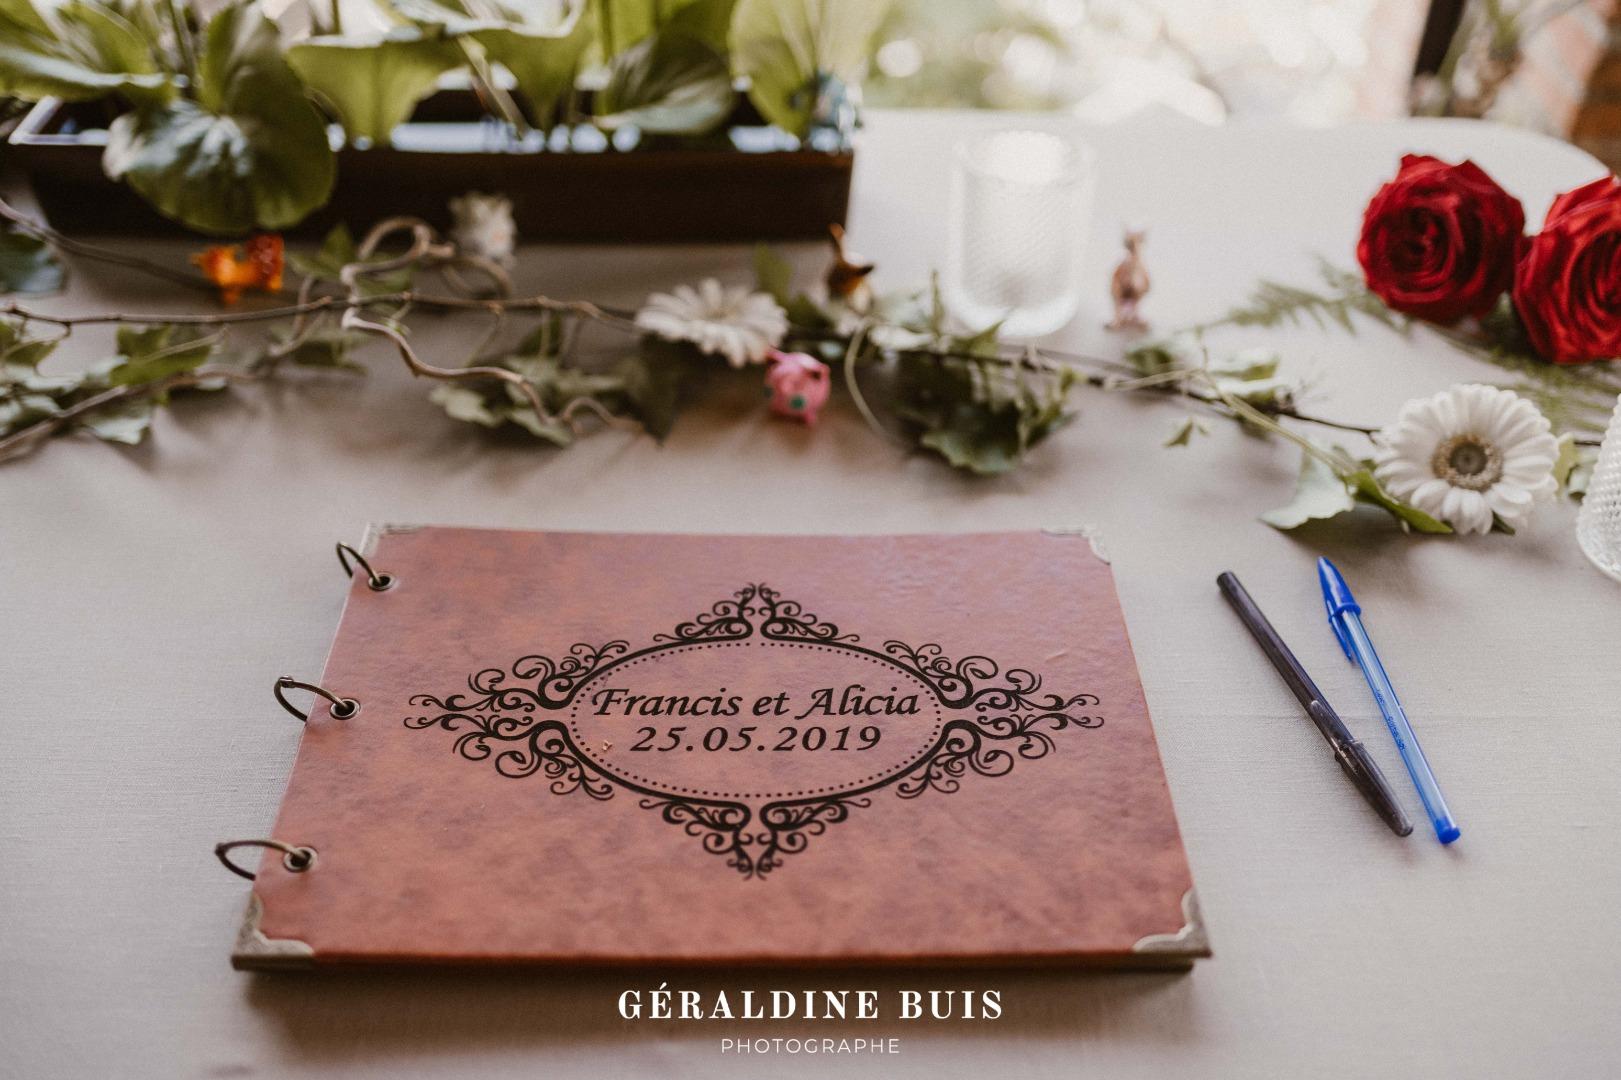 Livre d'or photo personnalisée La Dolce Vita Organisation de Mariages Toulouse.jpg